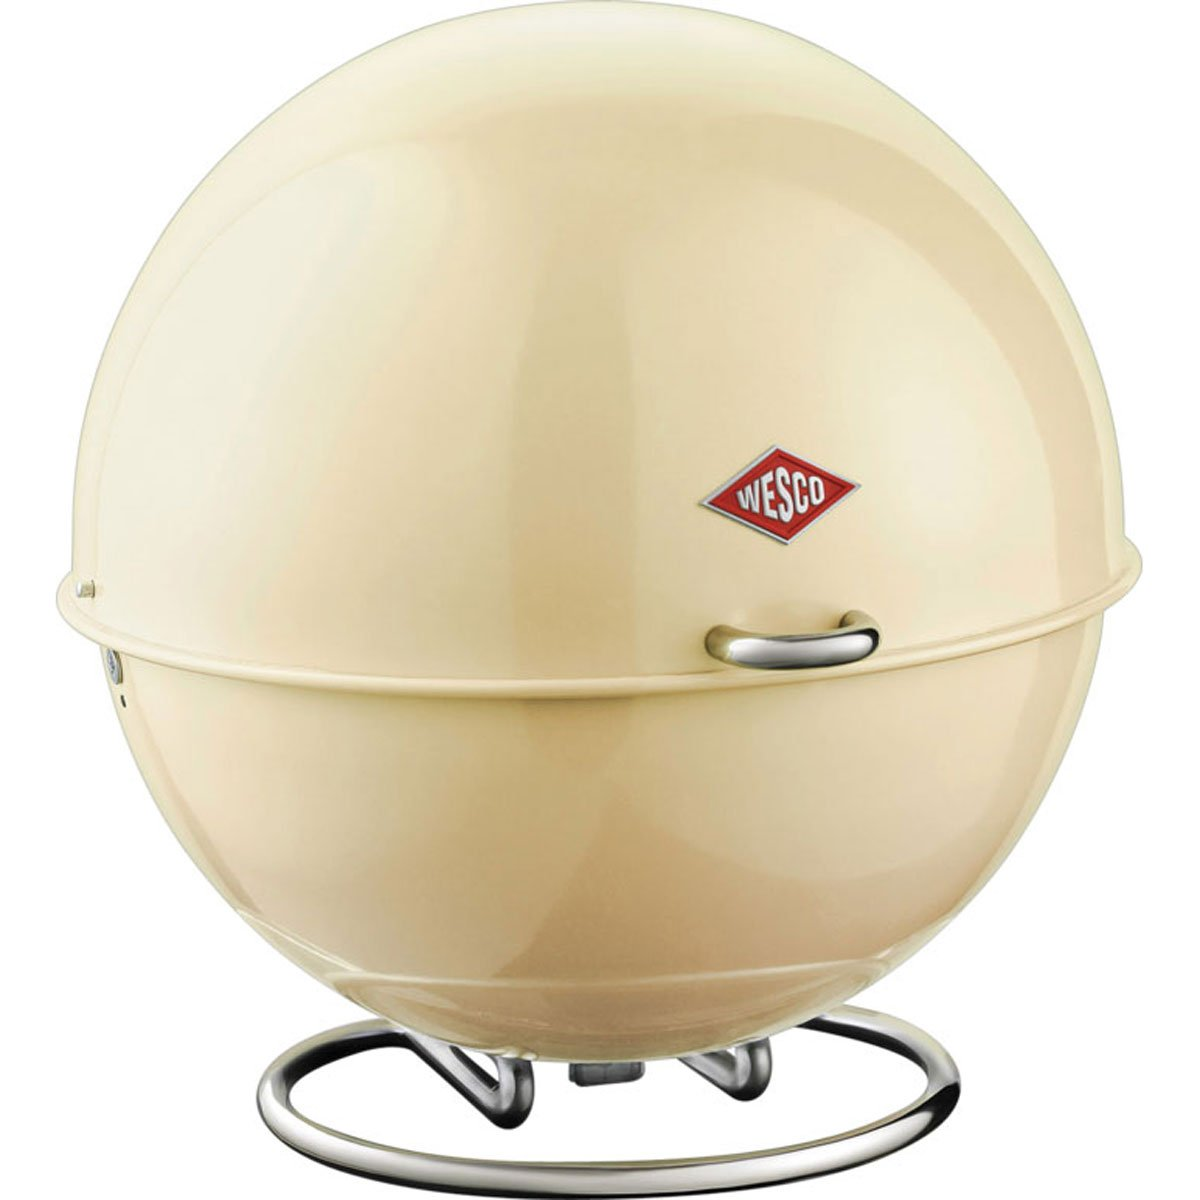 ウェスコ(Wesco) アーモンド サイズ:∅26×H26cm ブレッドボックス SUPERBALL 223101-23   B007TTA8GQ